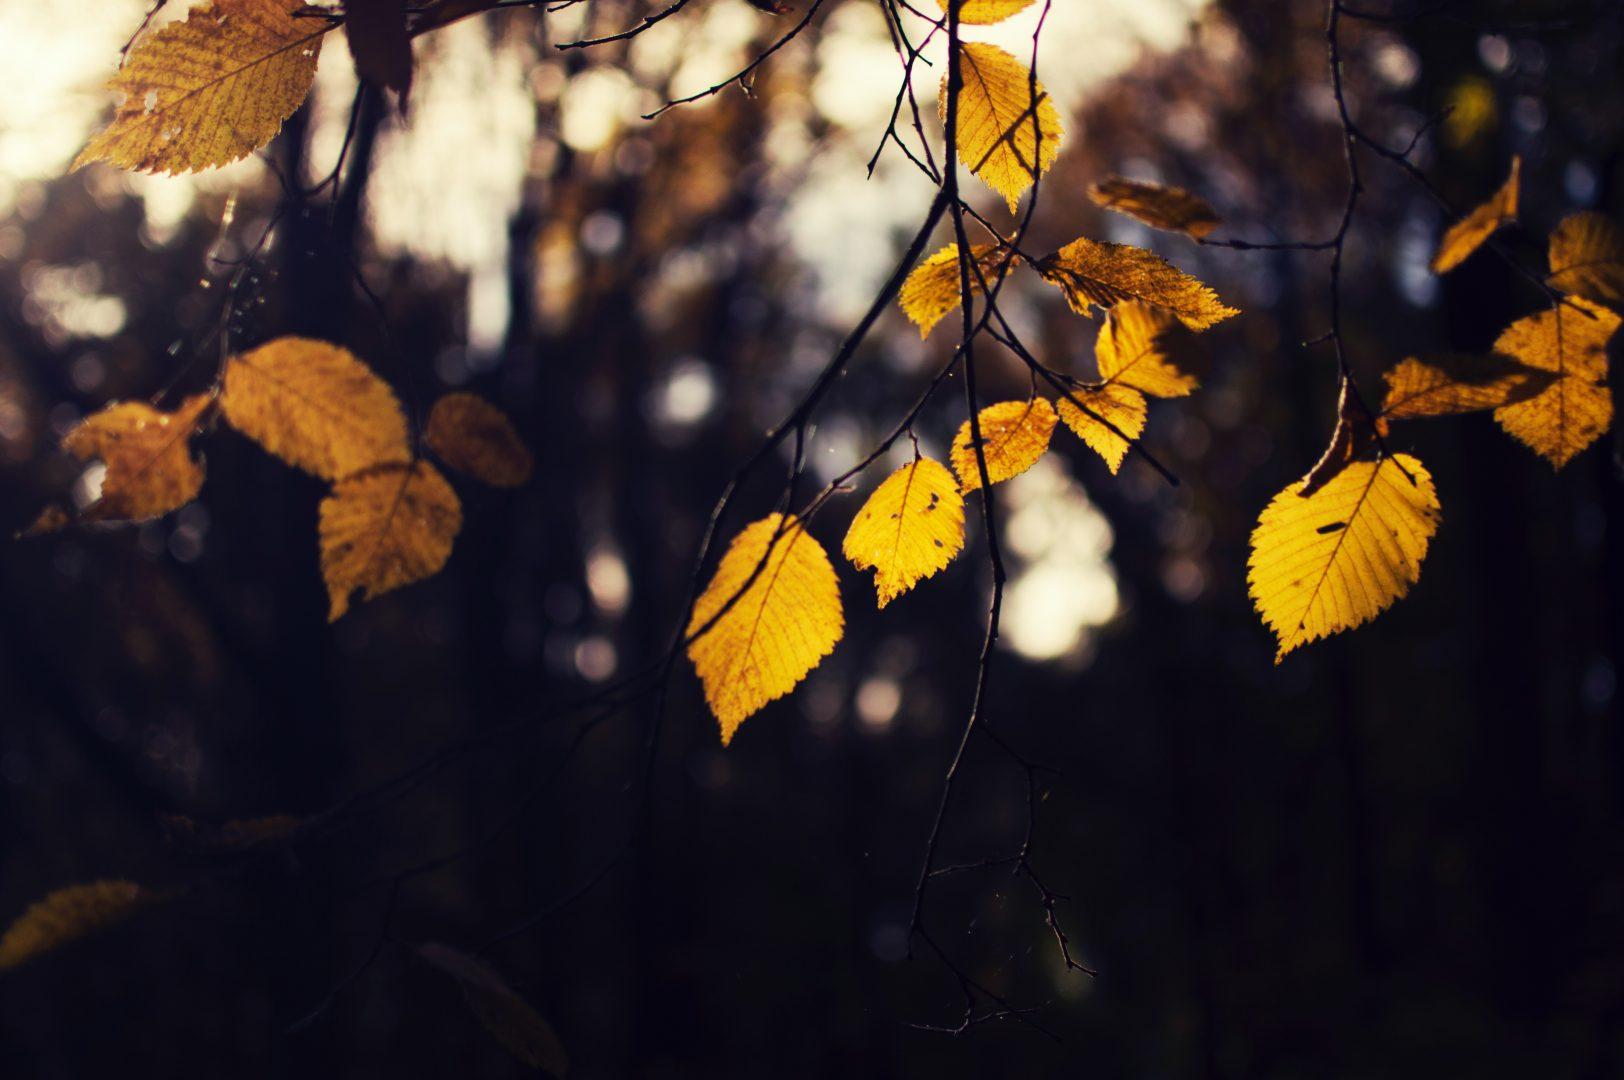 macro shot photo of brown leaves on tree